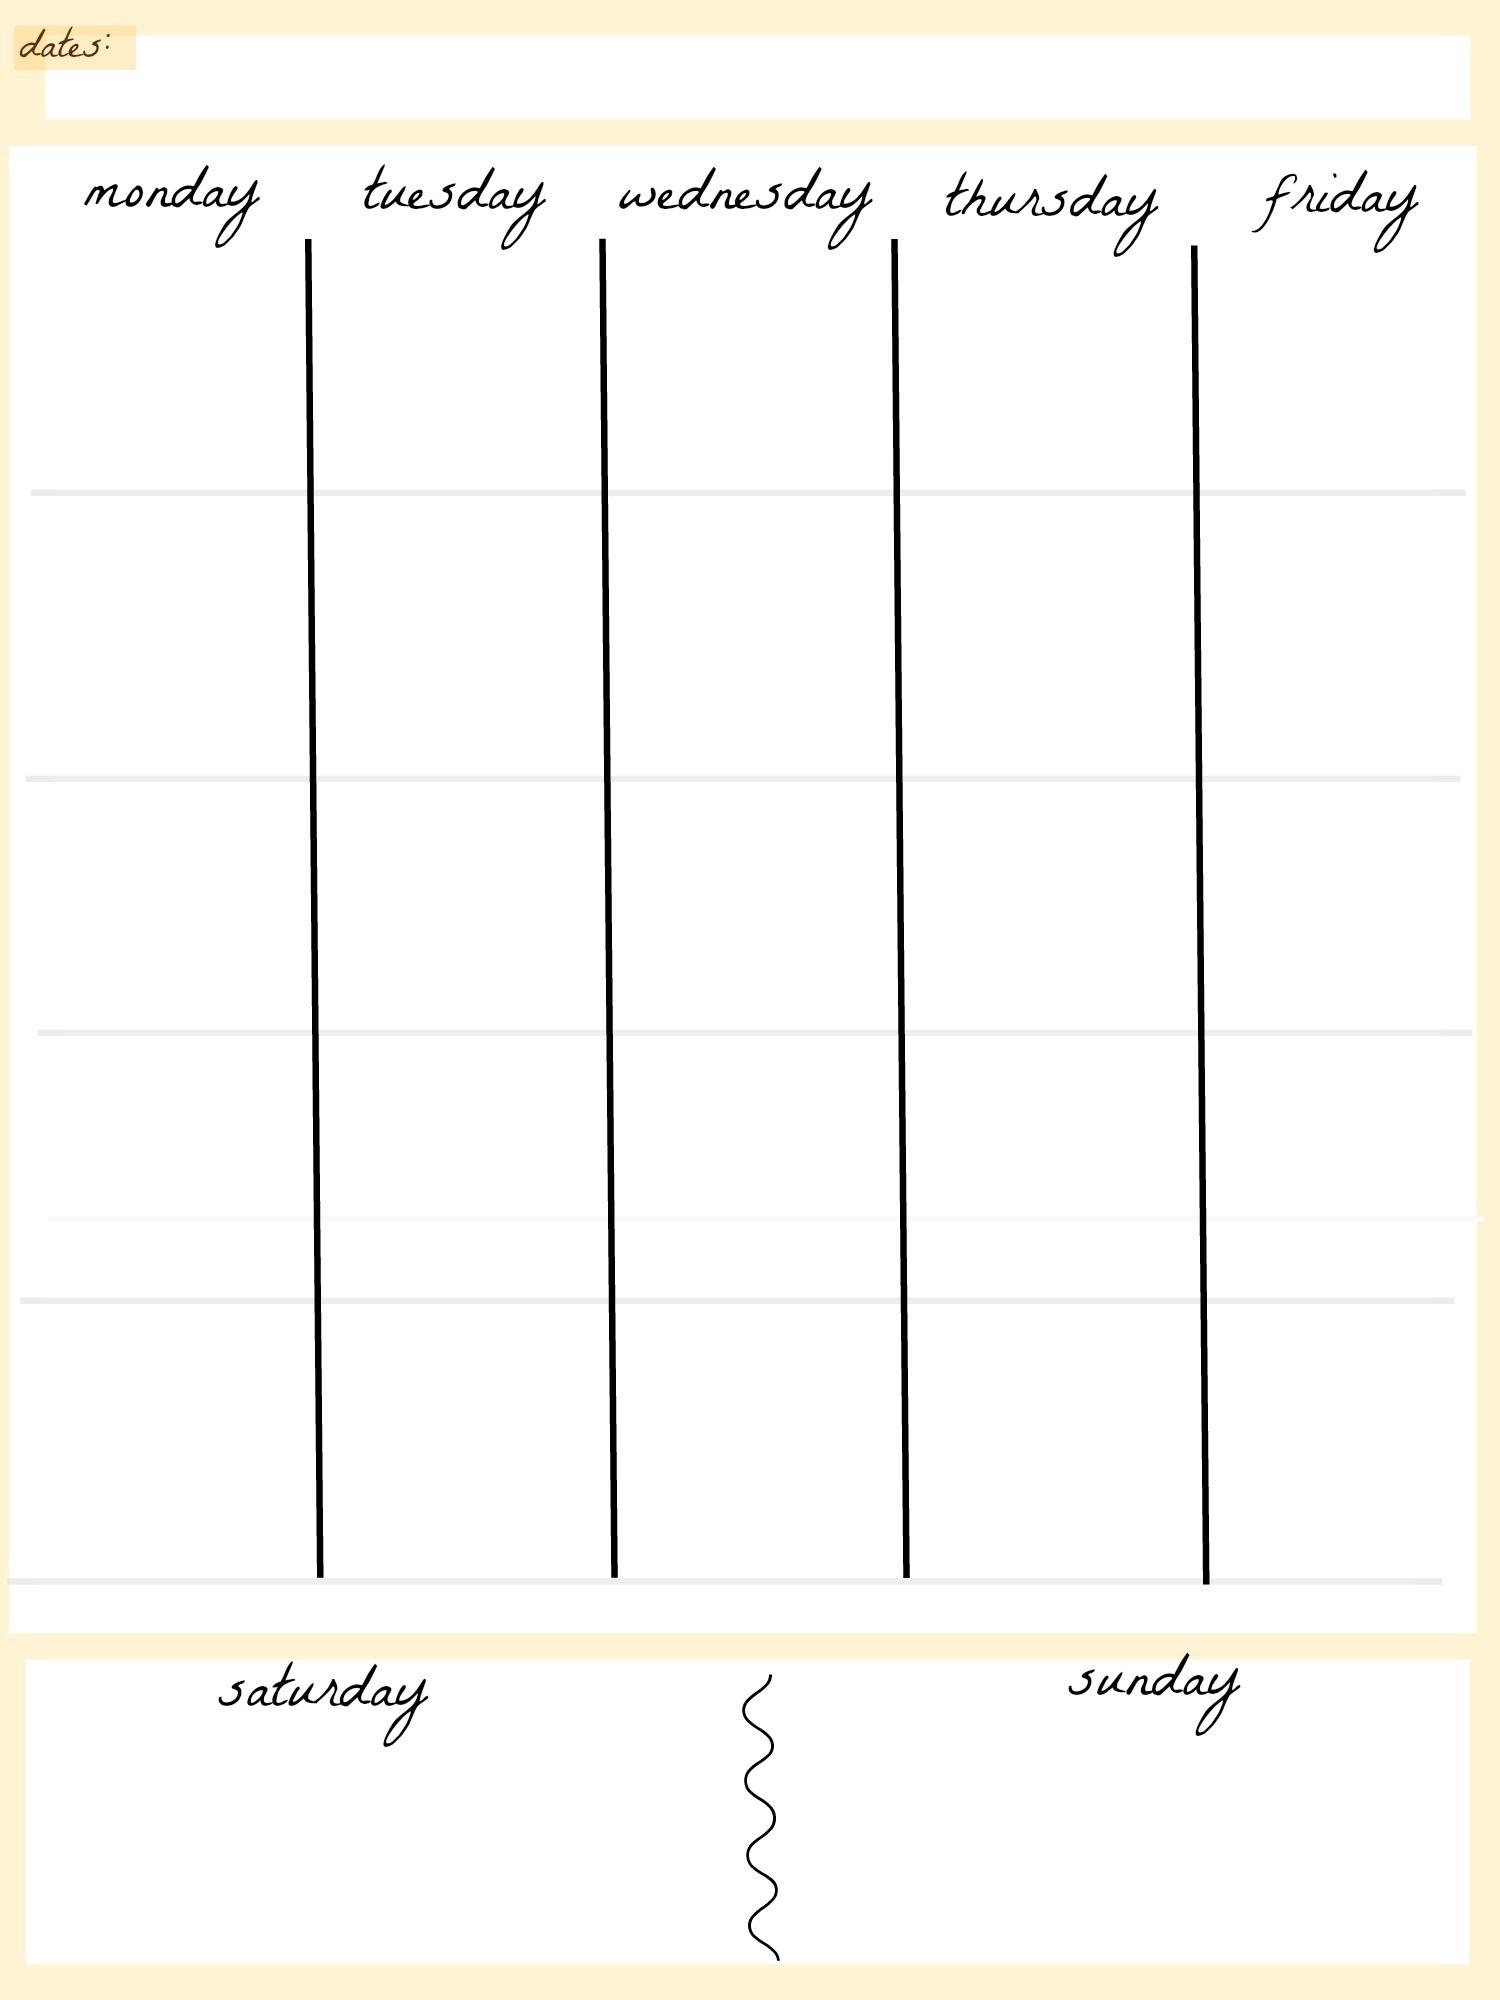 Blank Calendar Template 5 Day Week Weekly Calendar 5 Day Travel Cal1 in 5 Day Week Calendar Printable